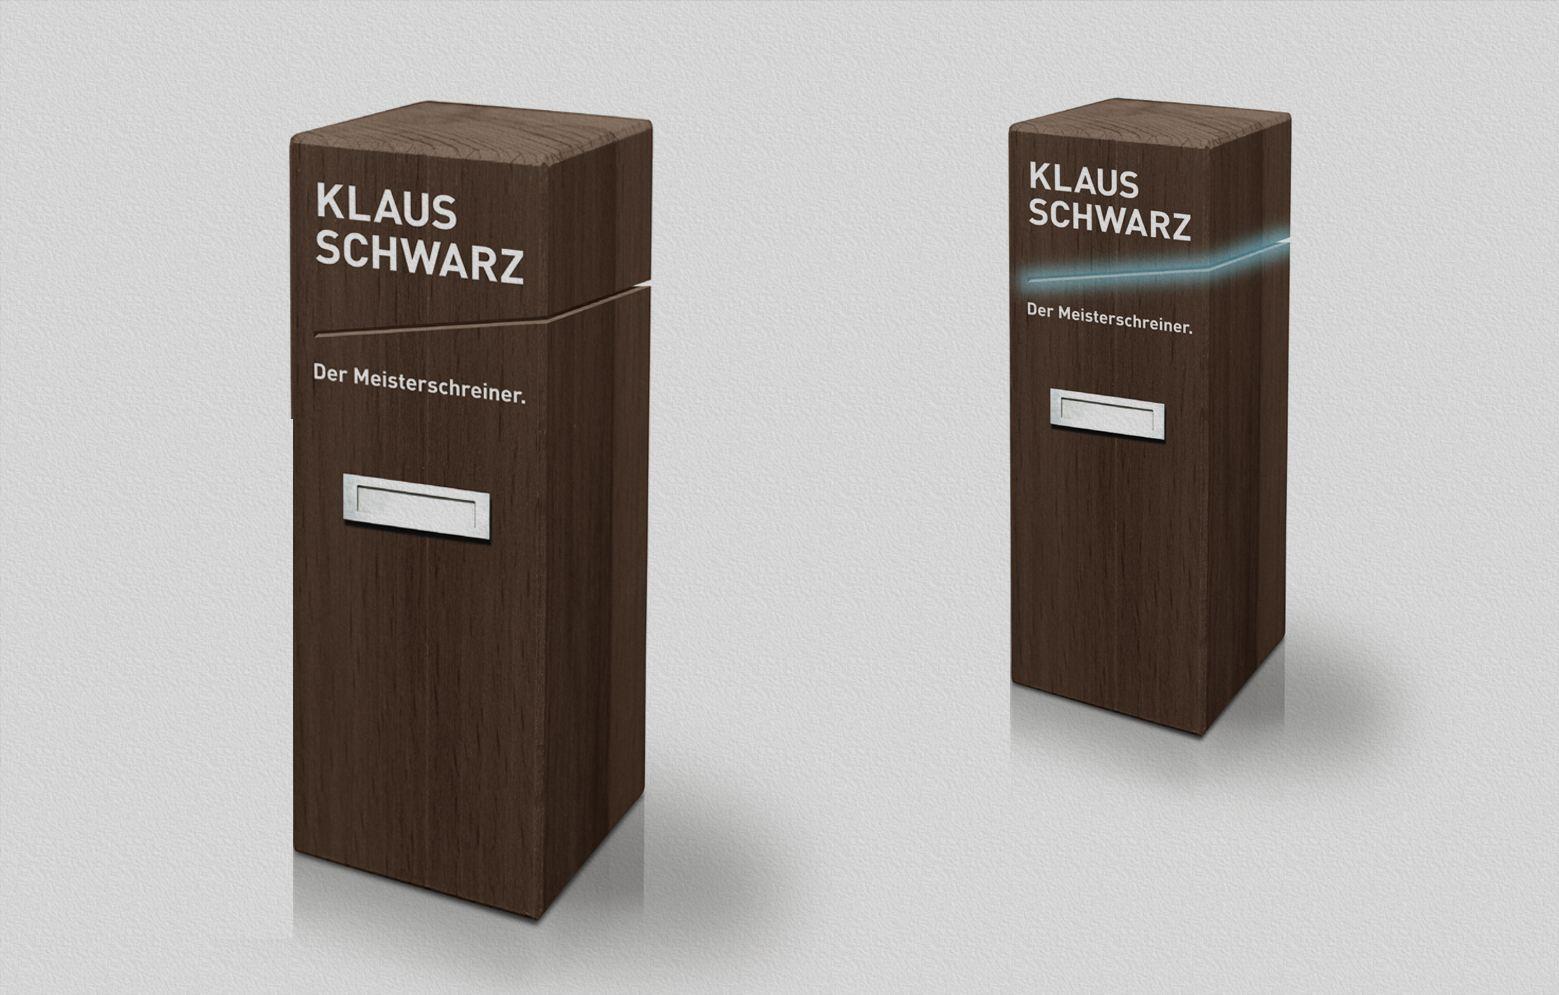 Klaus Schwarz Pilon mit Logo und Licht